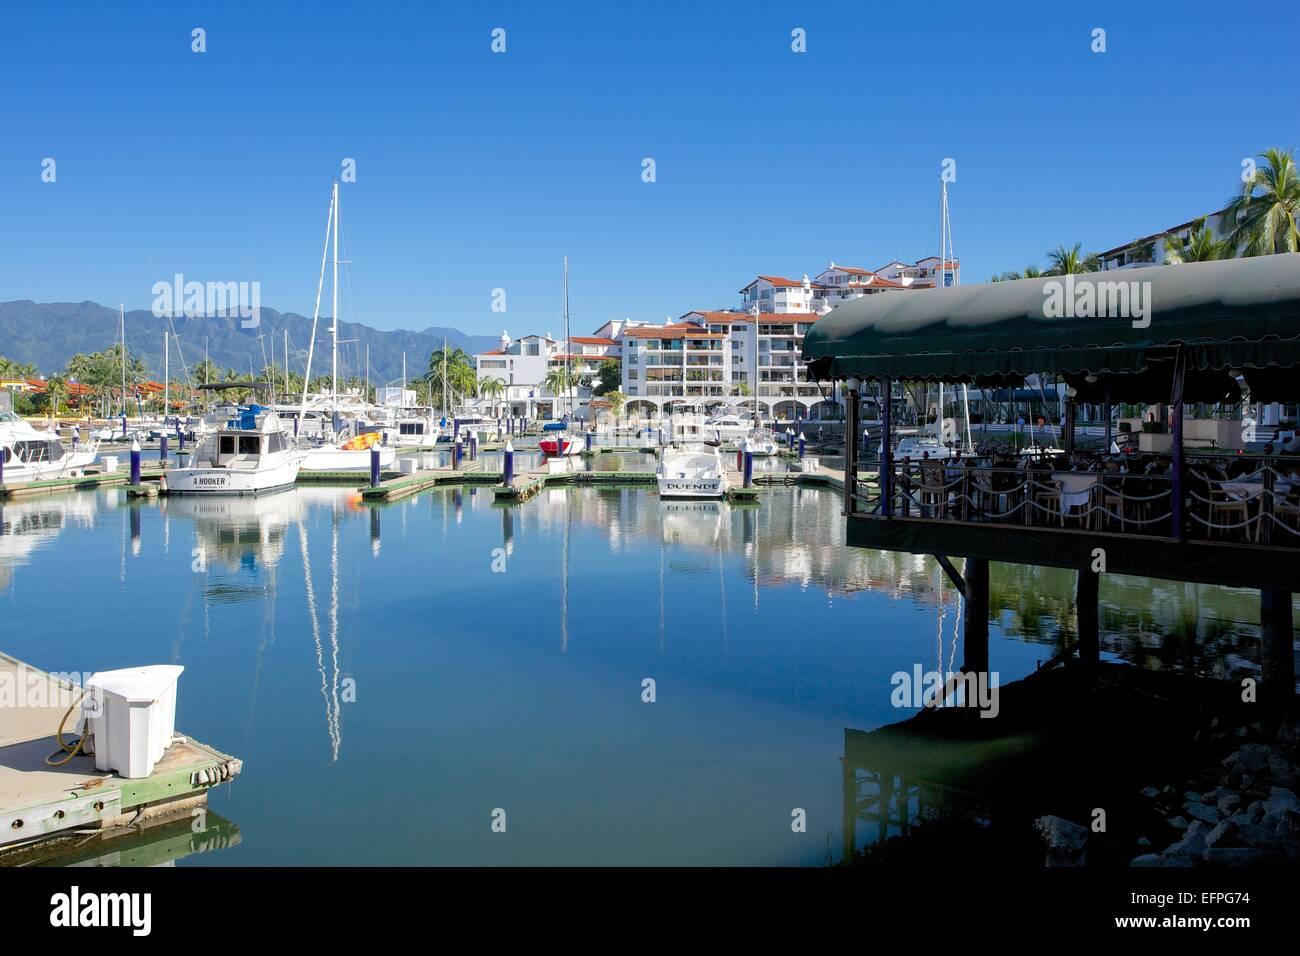 Marina, Puerto Vallarta, Jalisco, Mexiko, Nordamerika Stockbild